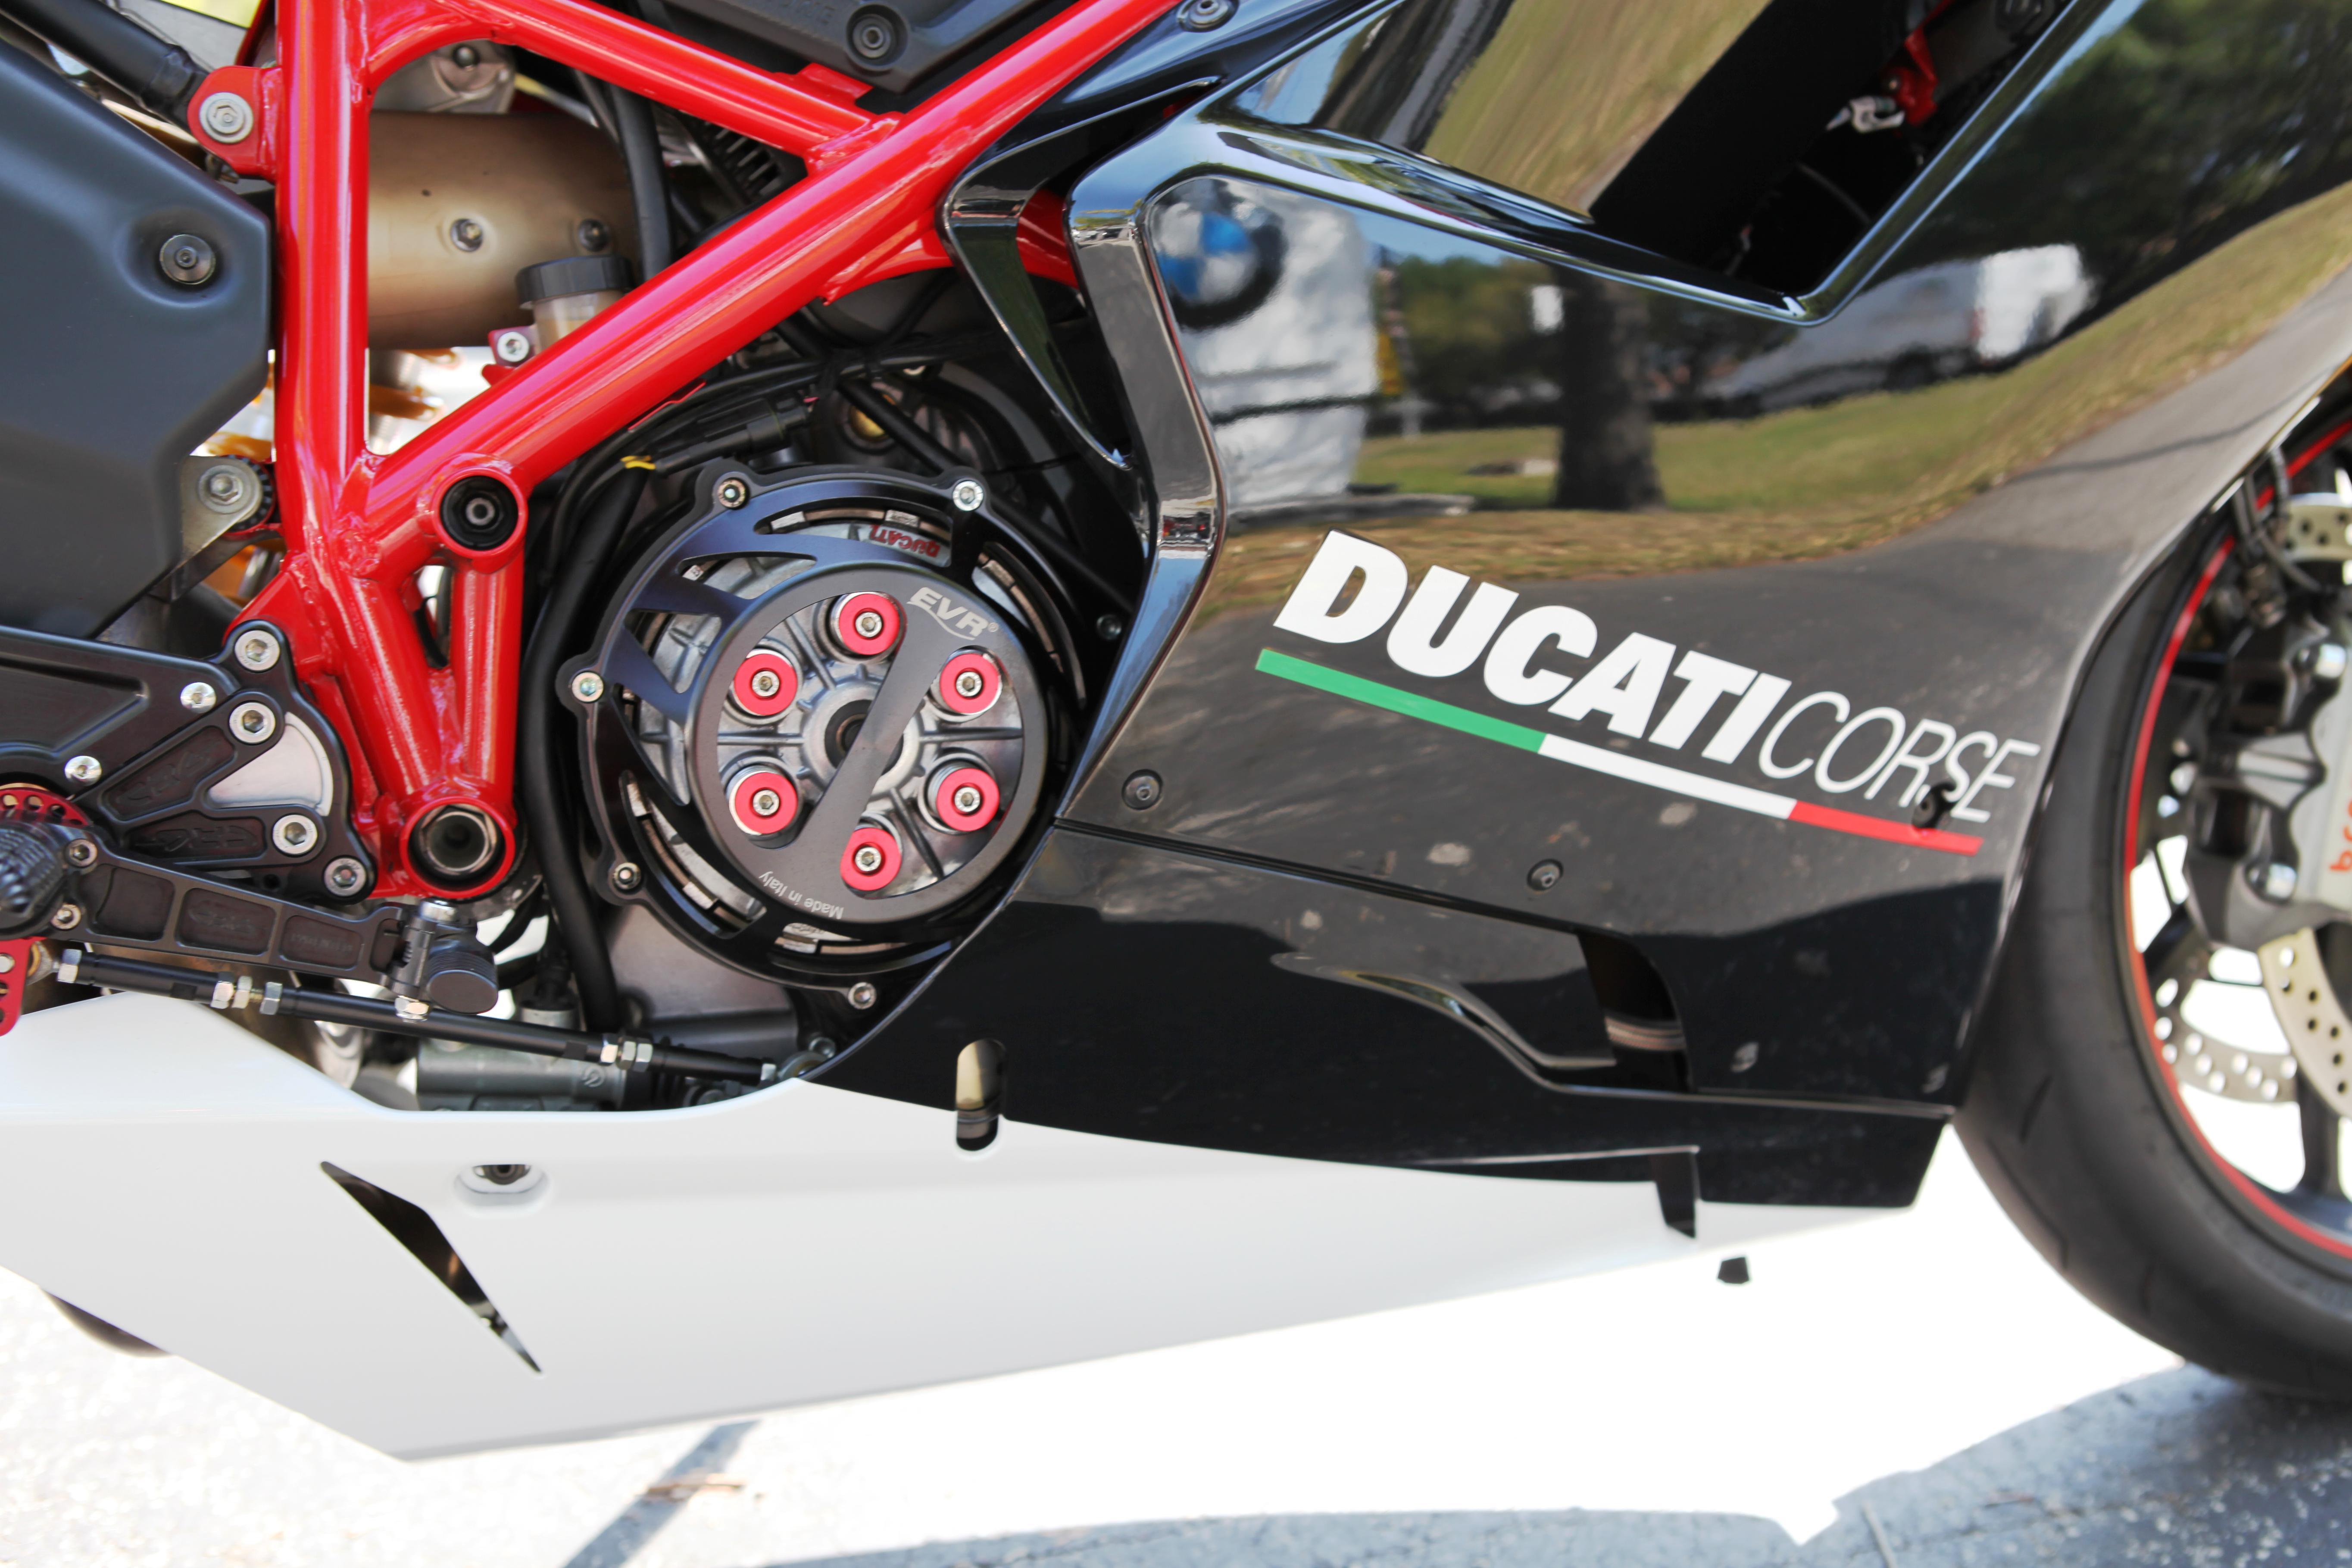 2010 Ducati 1198s Corse Special Edition For Sale Ducati